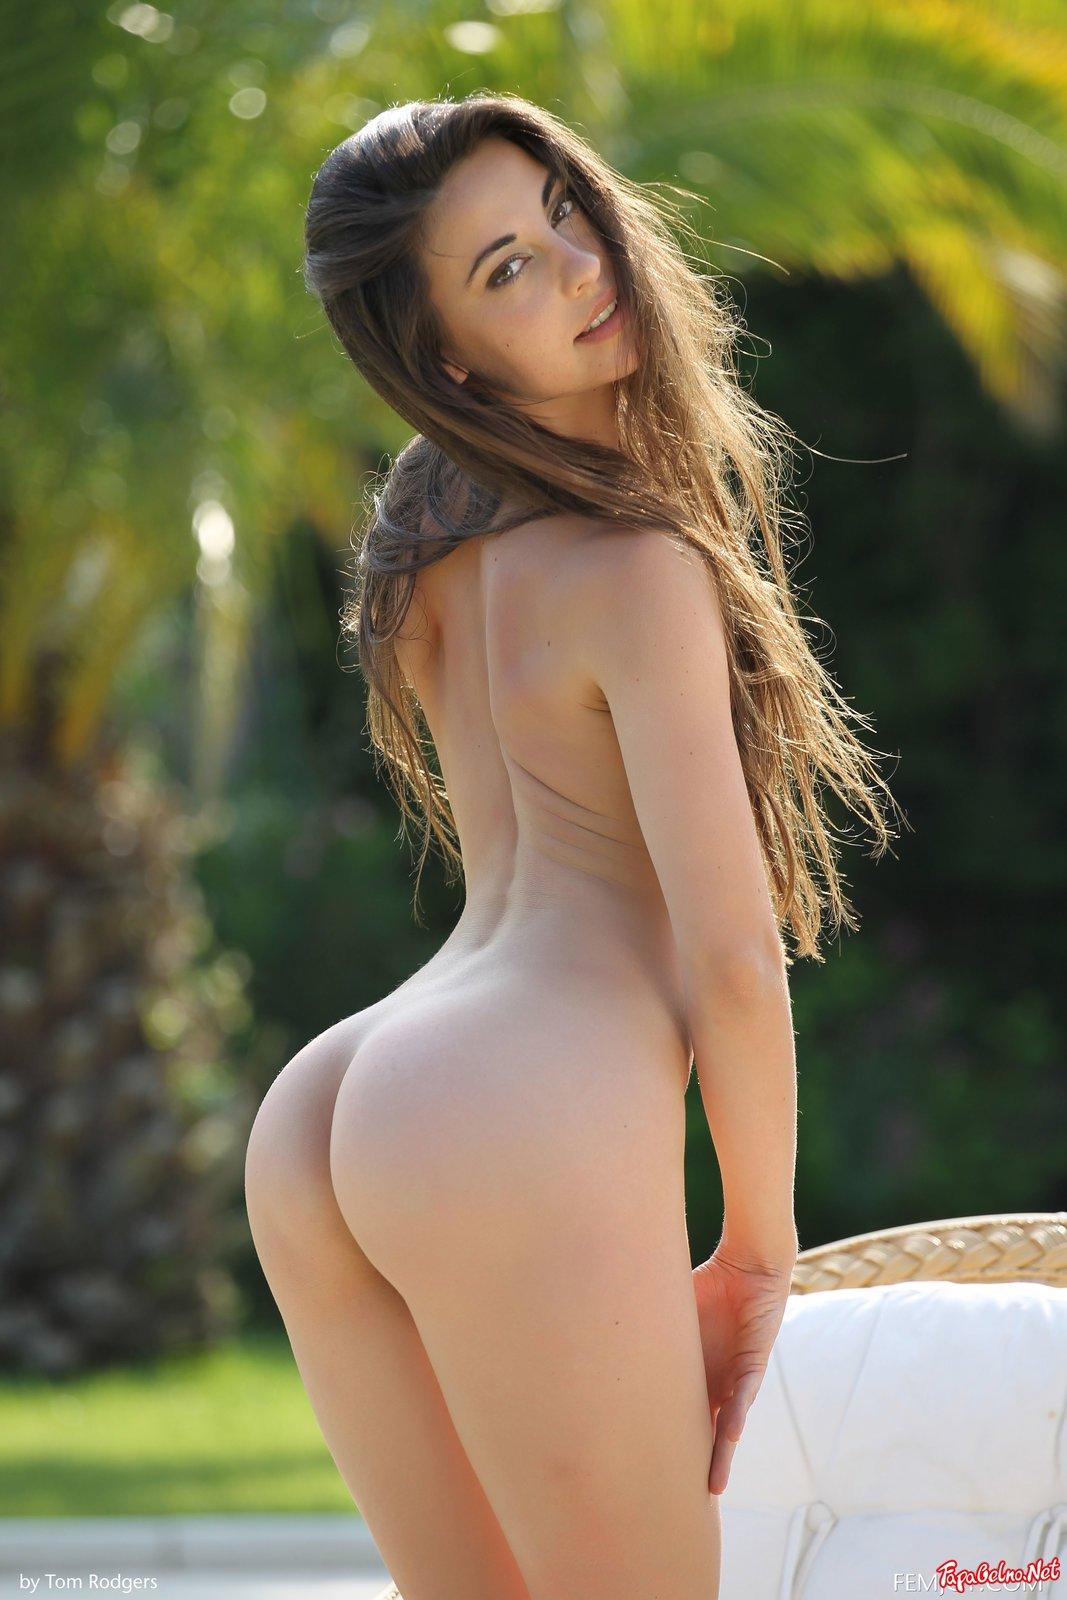 Spanish Naked Women Pics